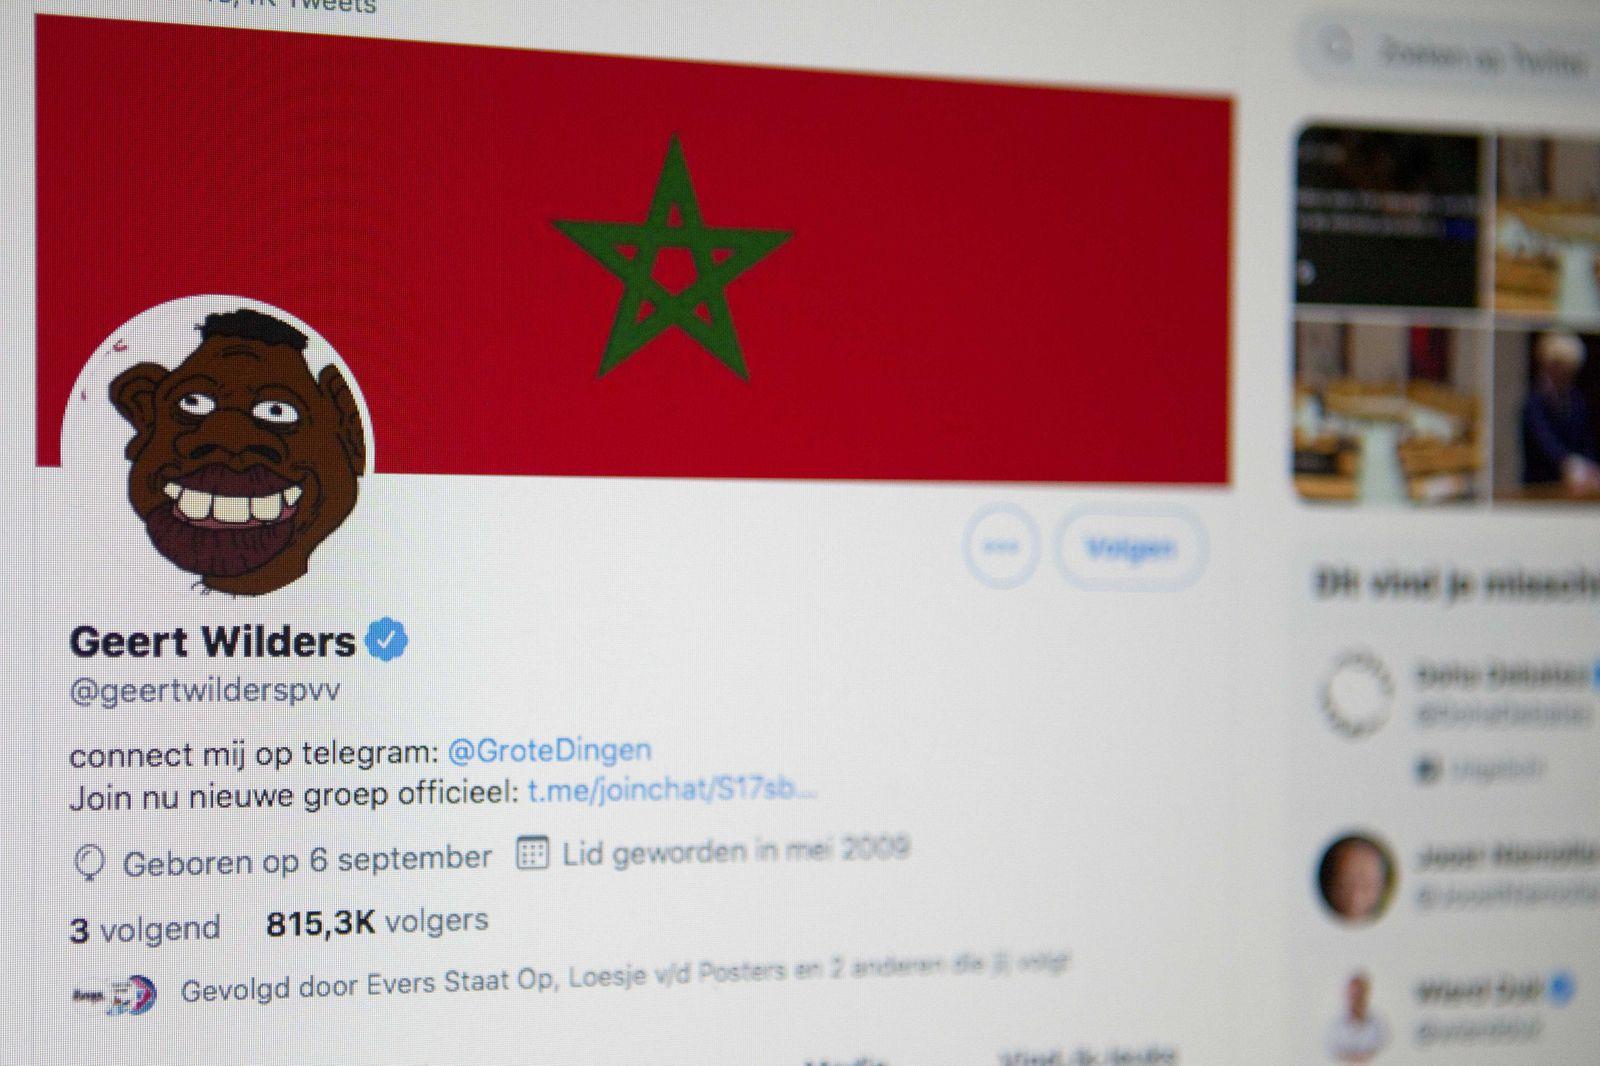 Twitter account Geert Wilders hacked, The Hague, Netherlands - 16 Jul 2020